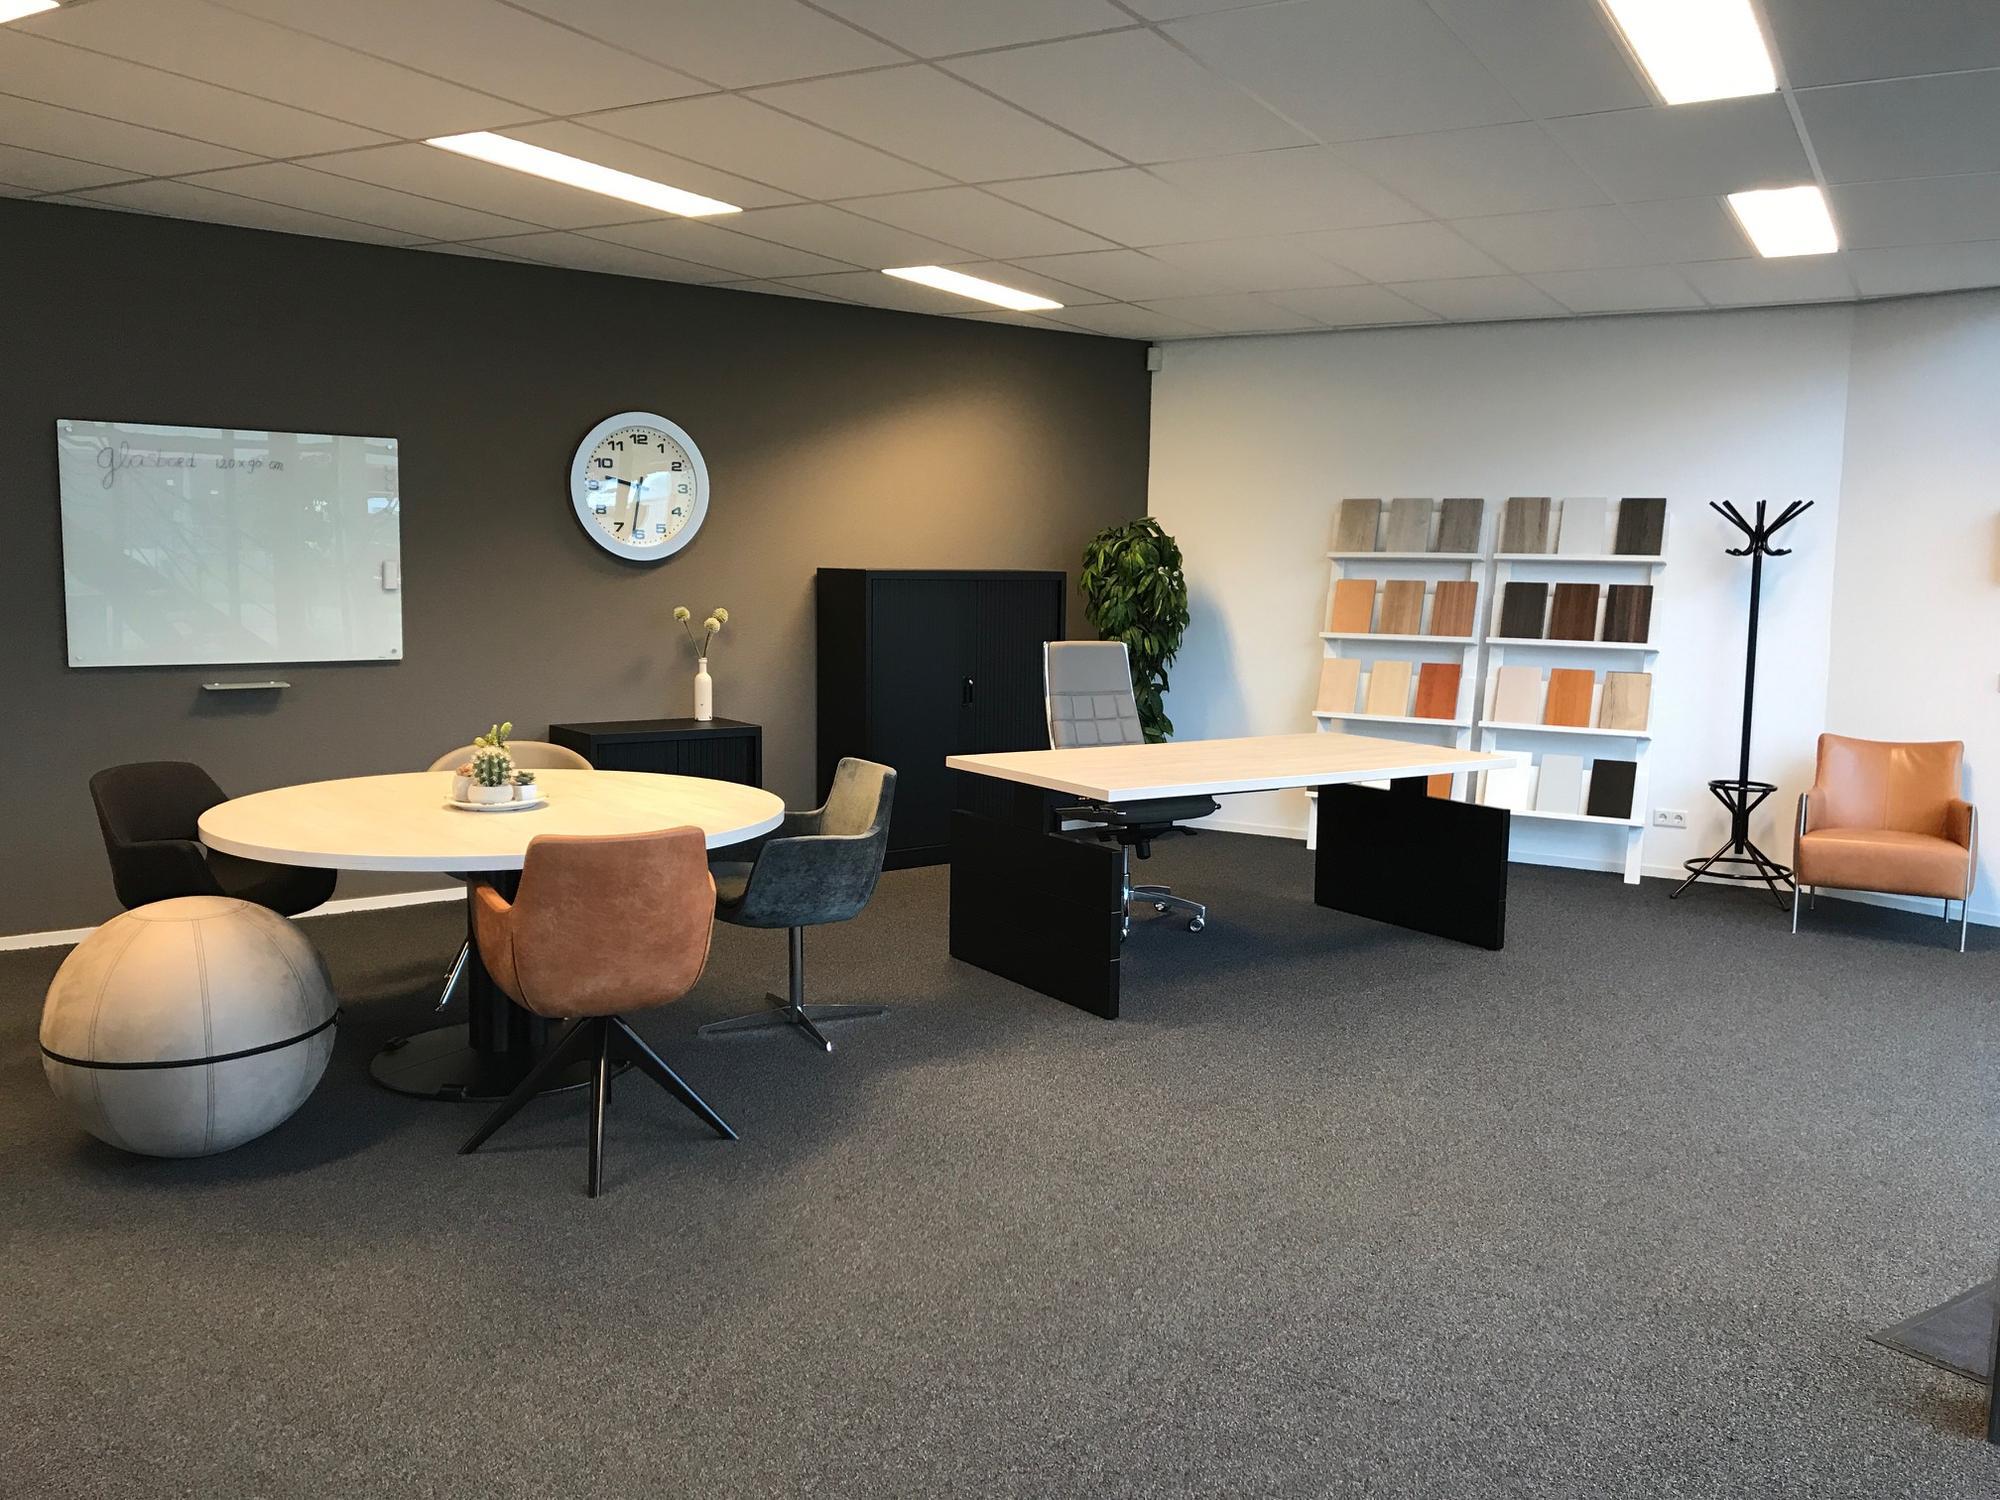 Office Image Kantoormeubelen.Nieuw En Gebruikt Kantoormeubilair Timmer Kantoormeubelen